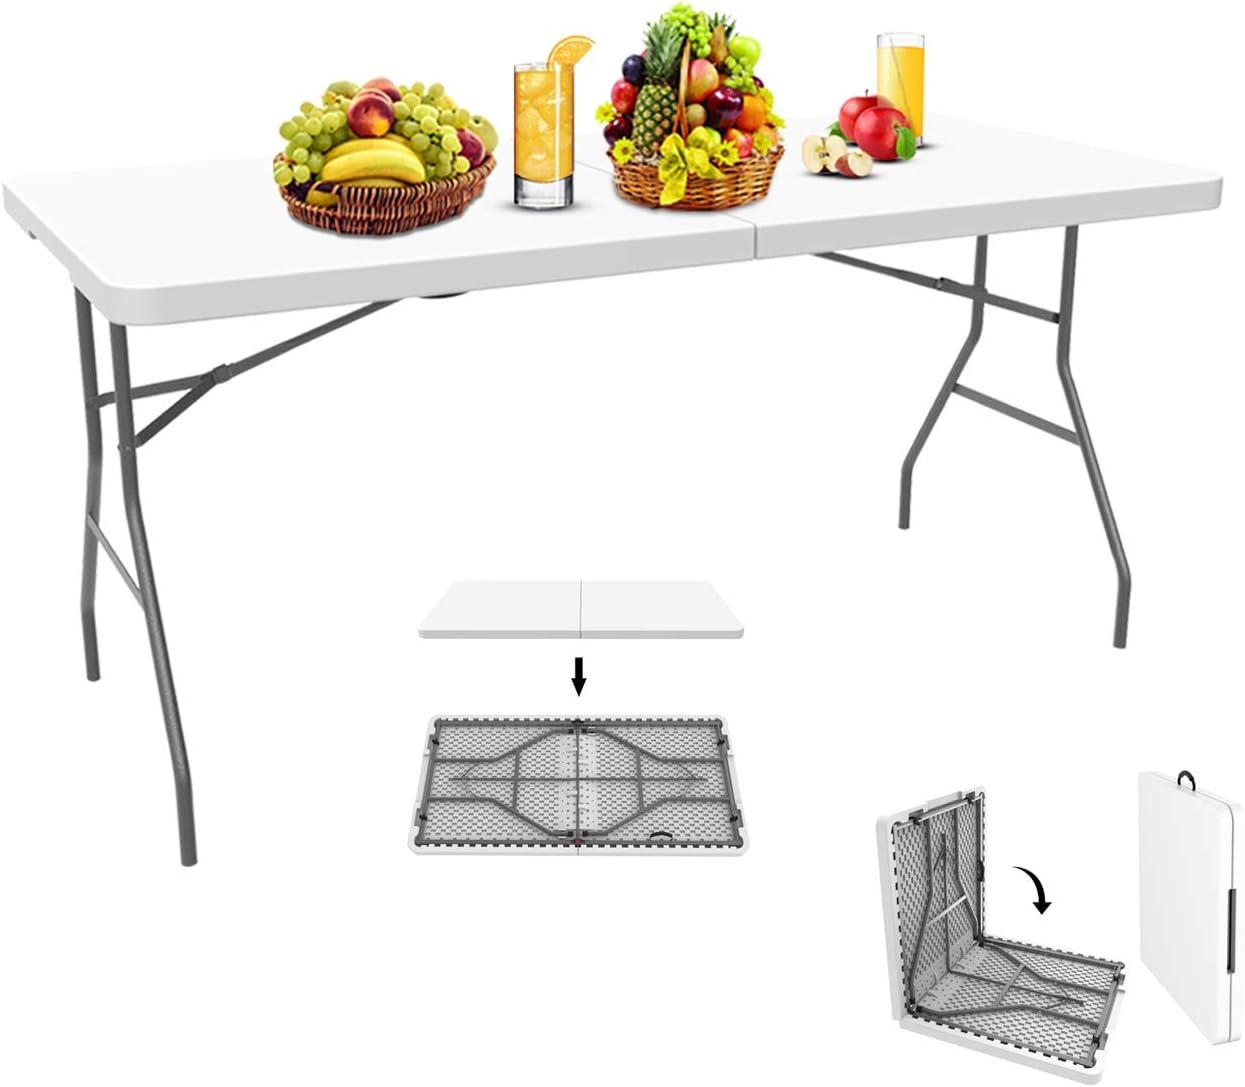 Todeco - Mesa de Plástico Resistente, Mesa Plegable Portátil, 152 x 71.5 cm, Blanco, Plegable por la Mitad, Material: HDPE, Carga máxima: 100 kg